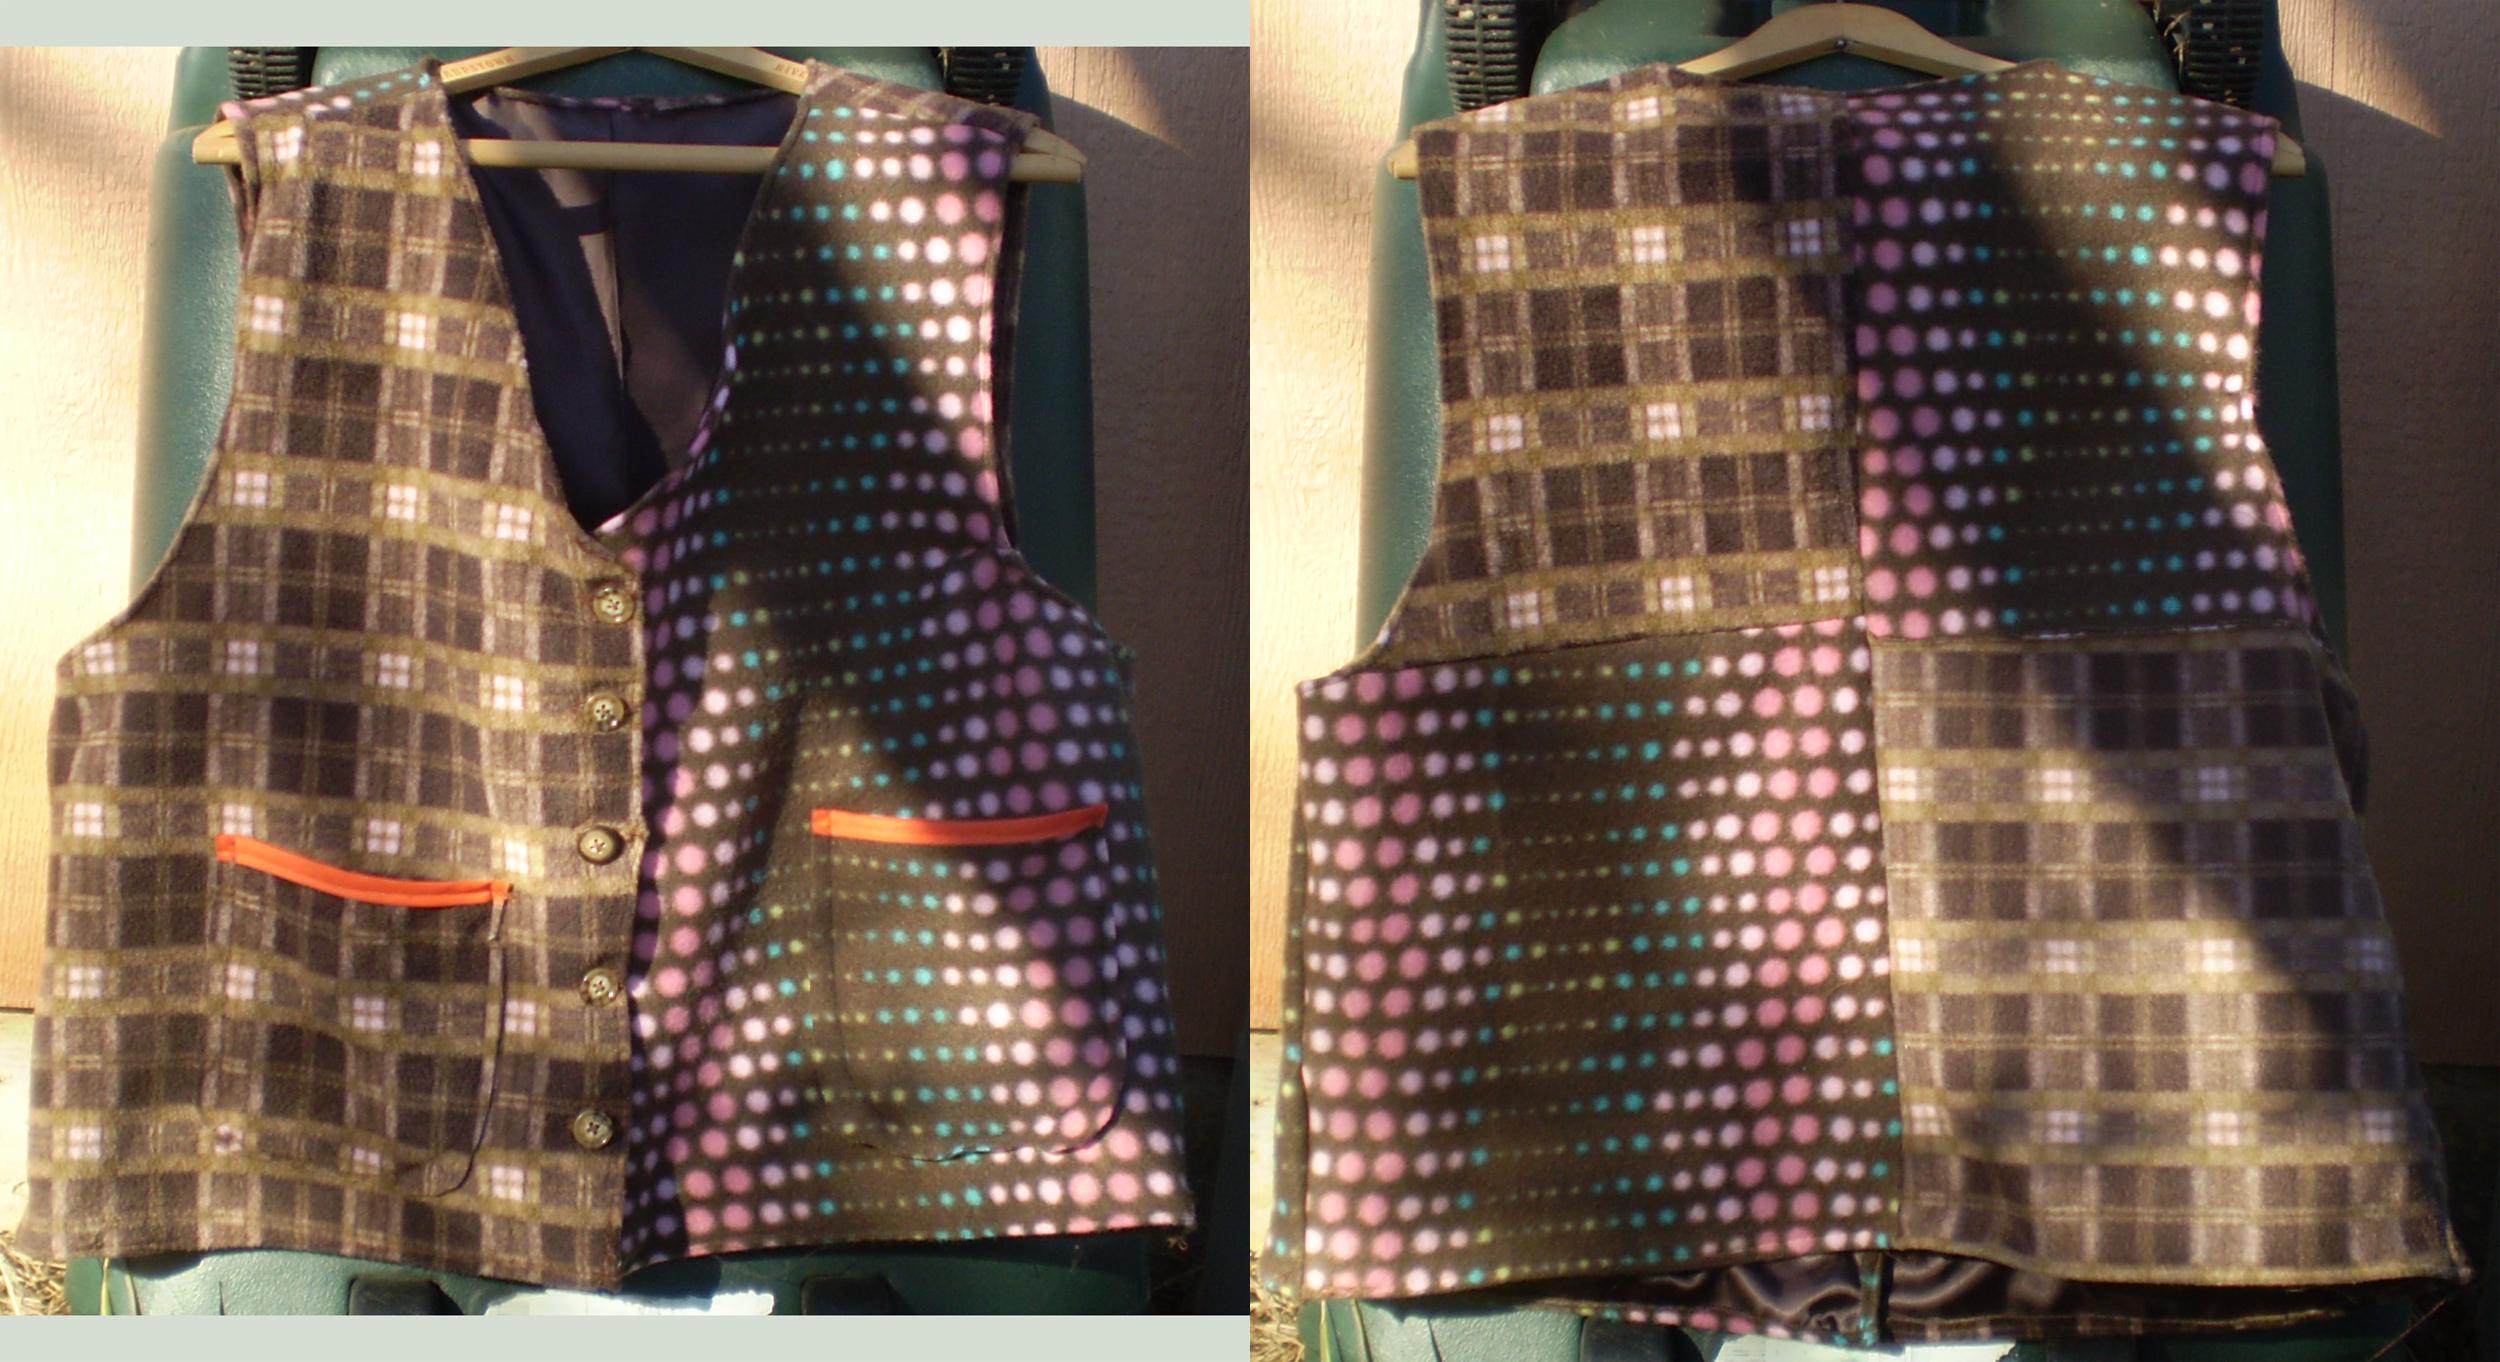 The Sixth Doctor's Vest by darksporechild